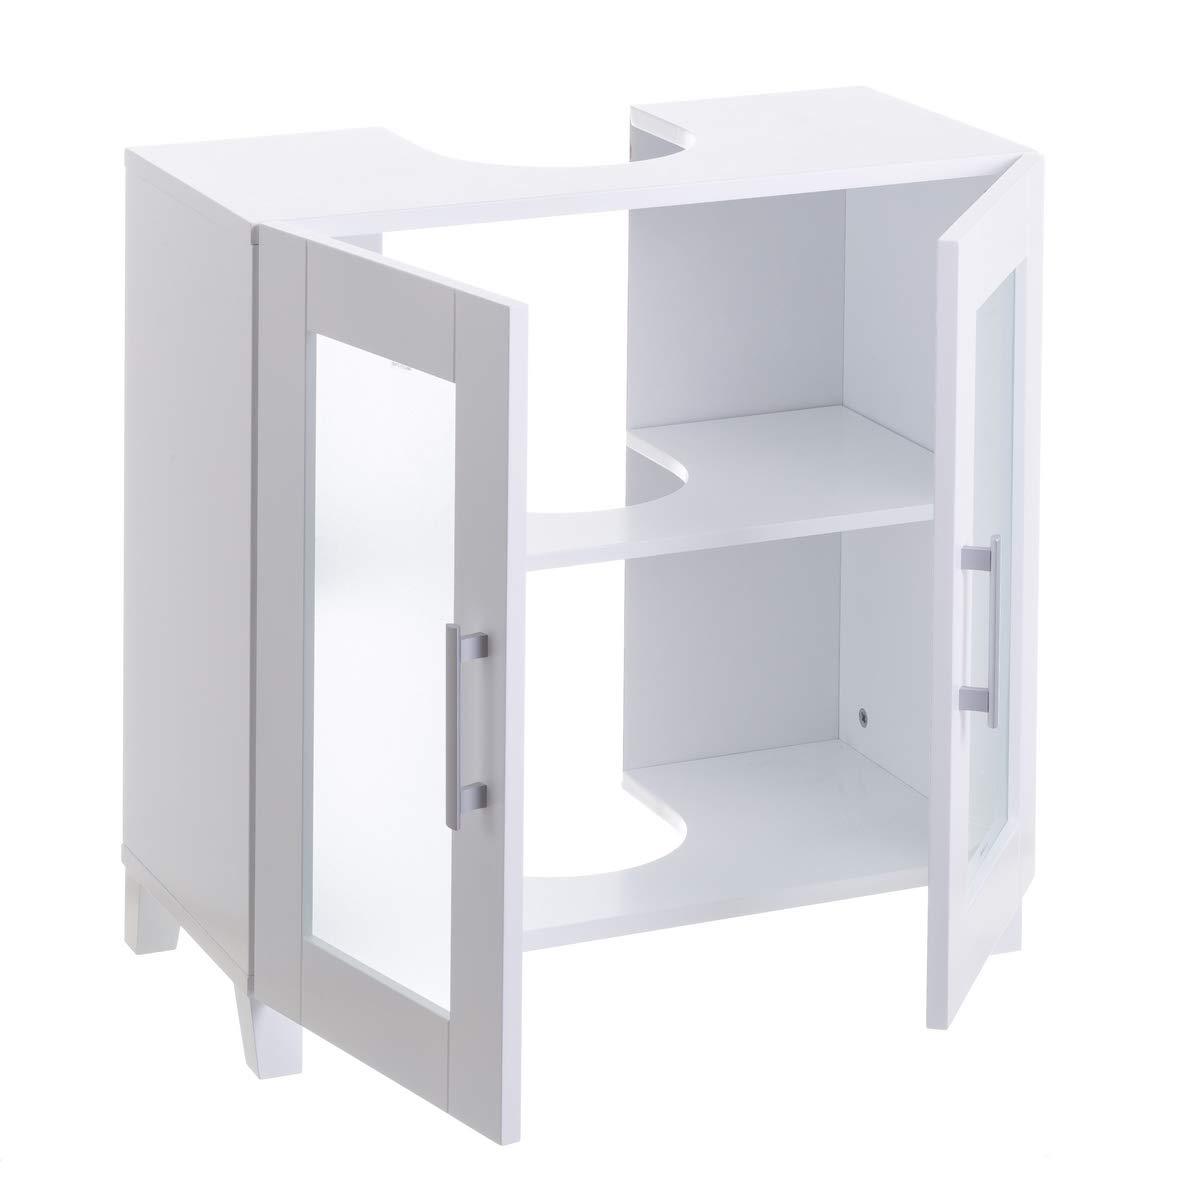 Armario bajo Lavabo Blanco de Madera Moderno para Cuarto de baño ...